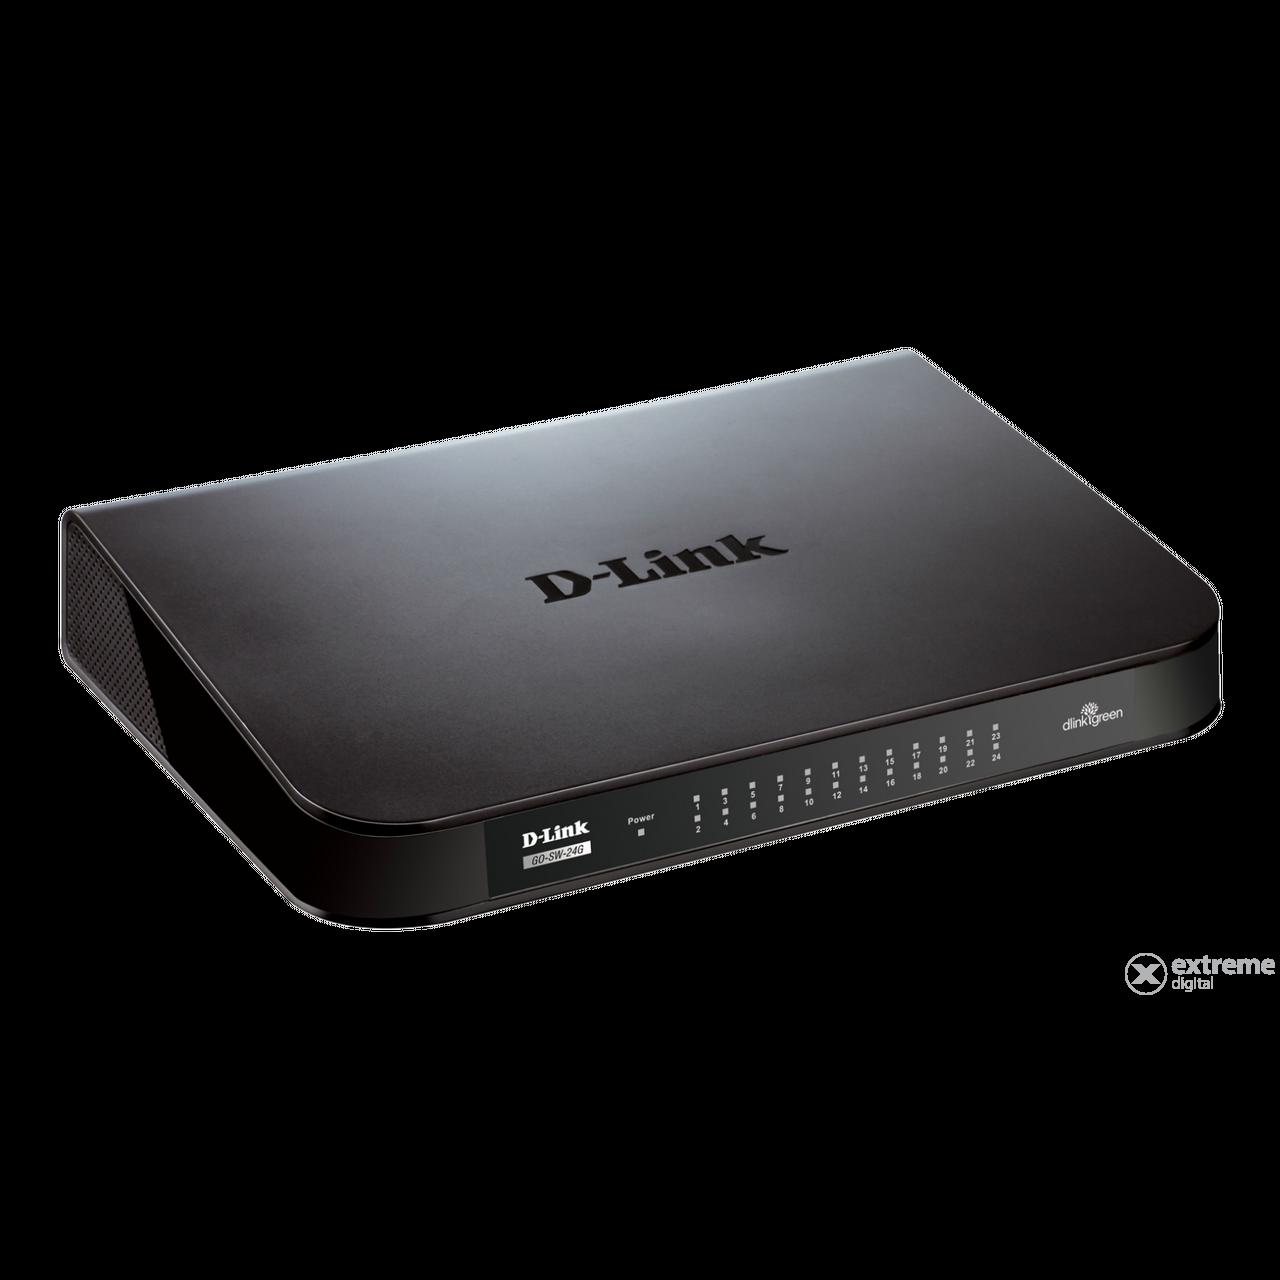 D Link Go Sw 24g 24 Port Gigabit Tisch Switch Extreme Digital Tp 10 100 1000 Mbps Sg1024d